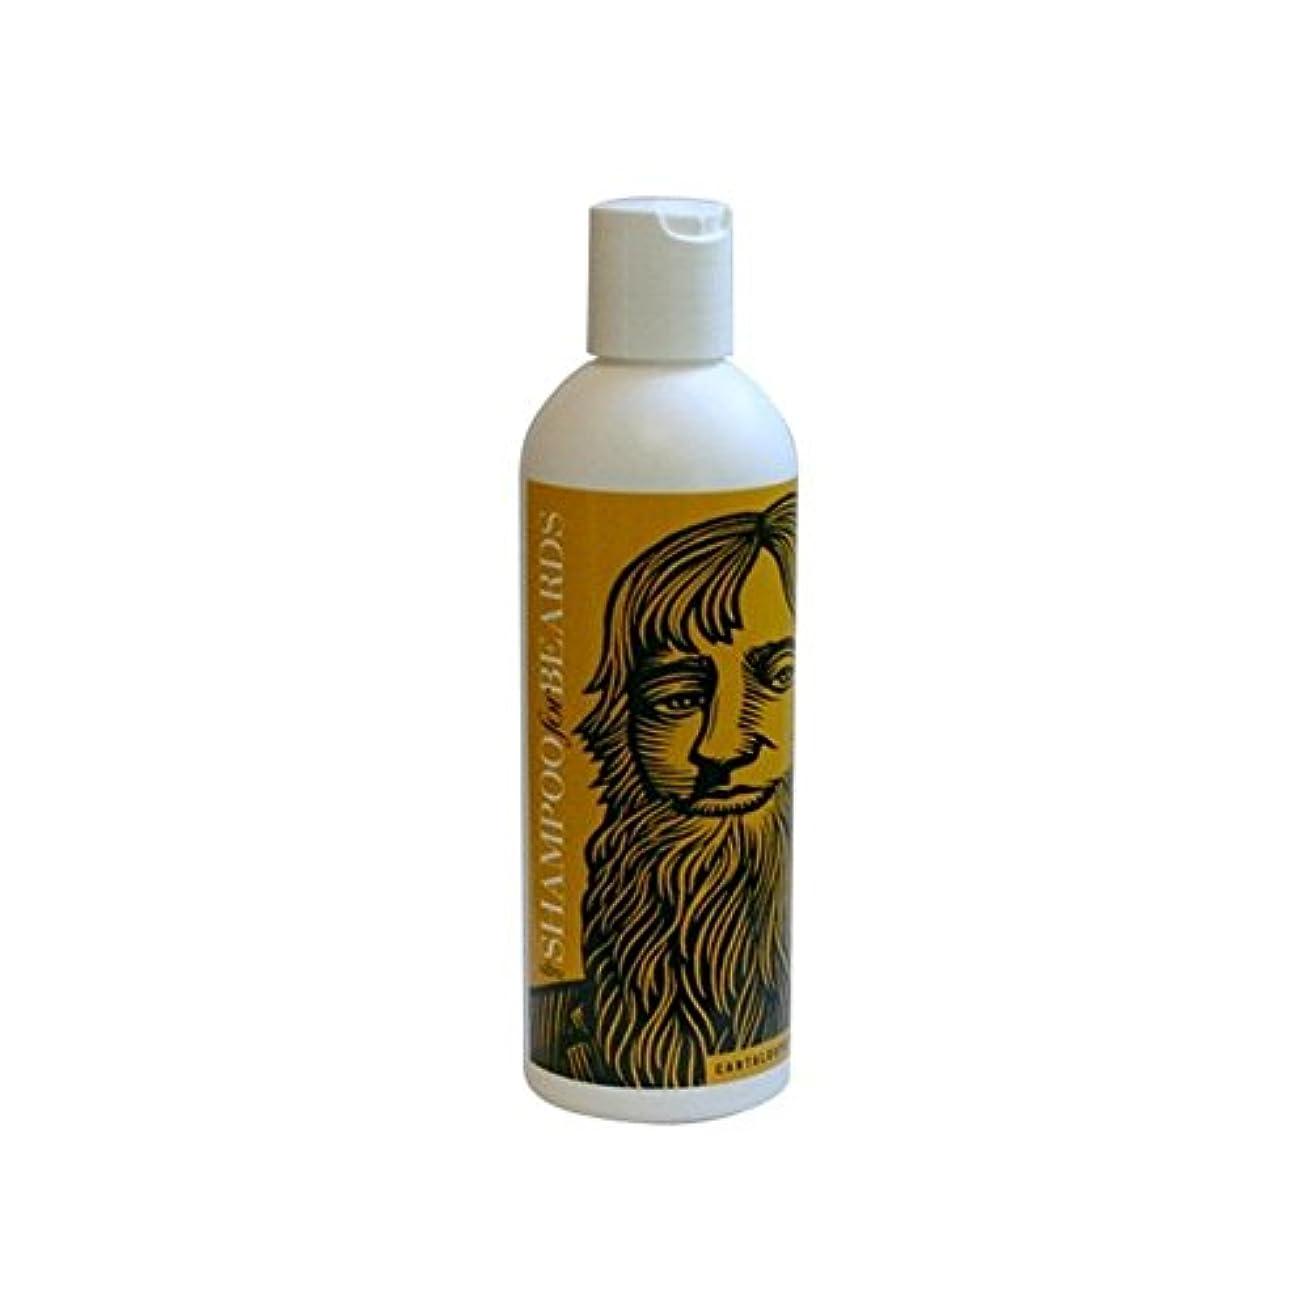 傾いた単位操作Beardsley Ultra Shampoo - Cantaloupe Melon (237ml) (Pack of 6) - ビアズリー超シャンプー - カンタロープメロン(237ミリリットル) x6 [並行輸入品]